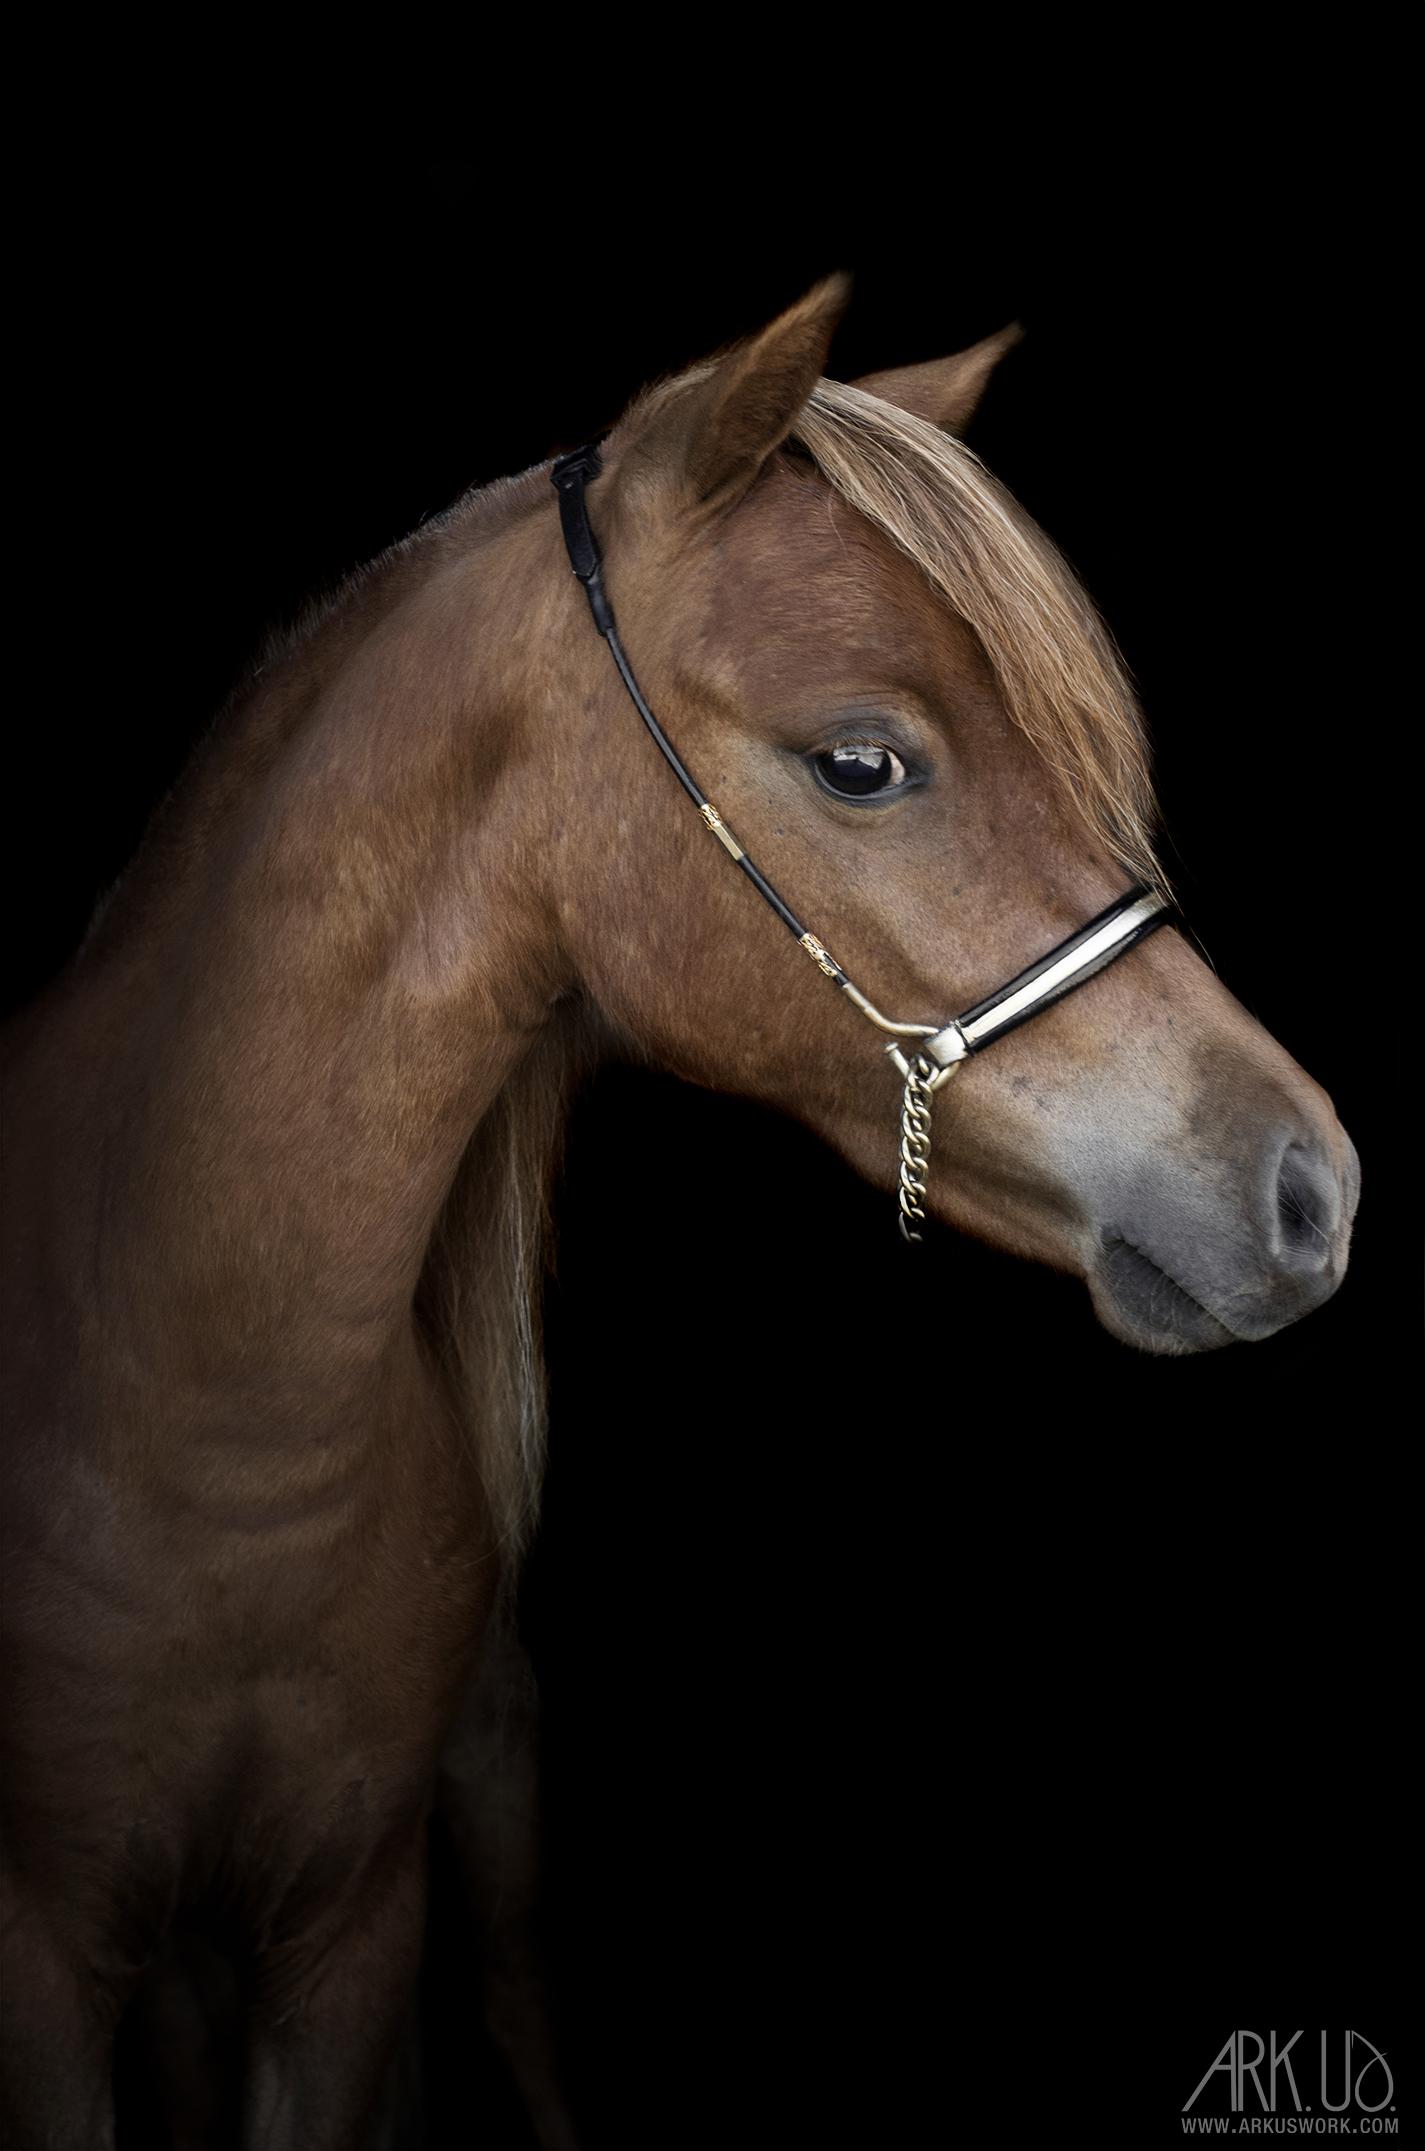 cheval,miniature,chevaux,animal,photographe,animalière,animaux,compagnie,var,paca,toulon,photographie,fond,noir,art,artistique,portrait,nature